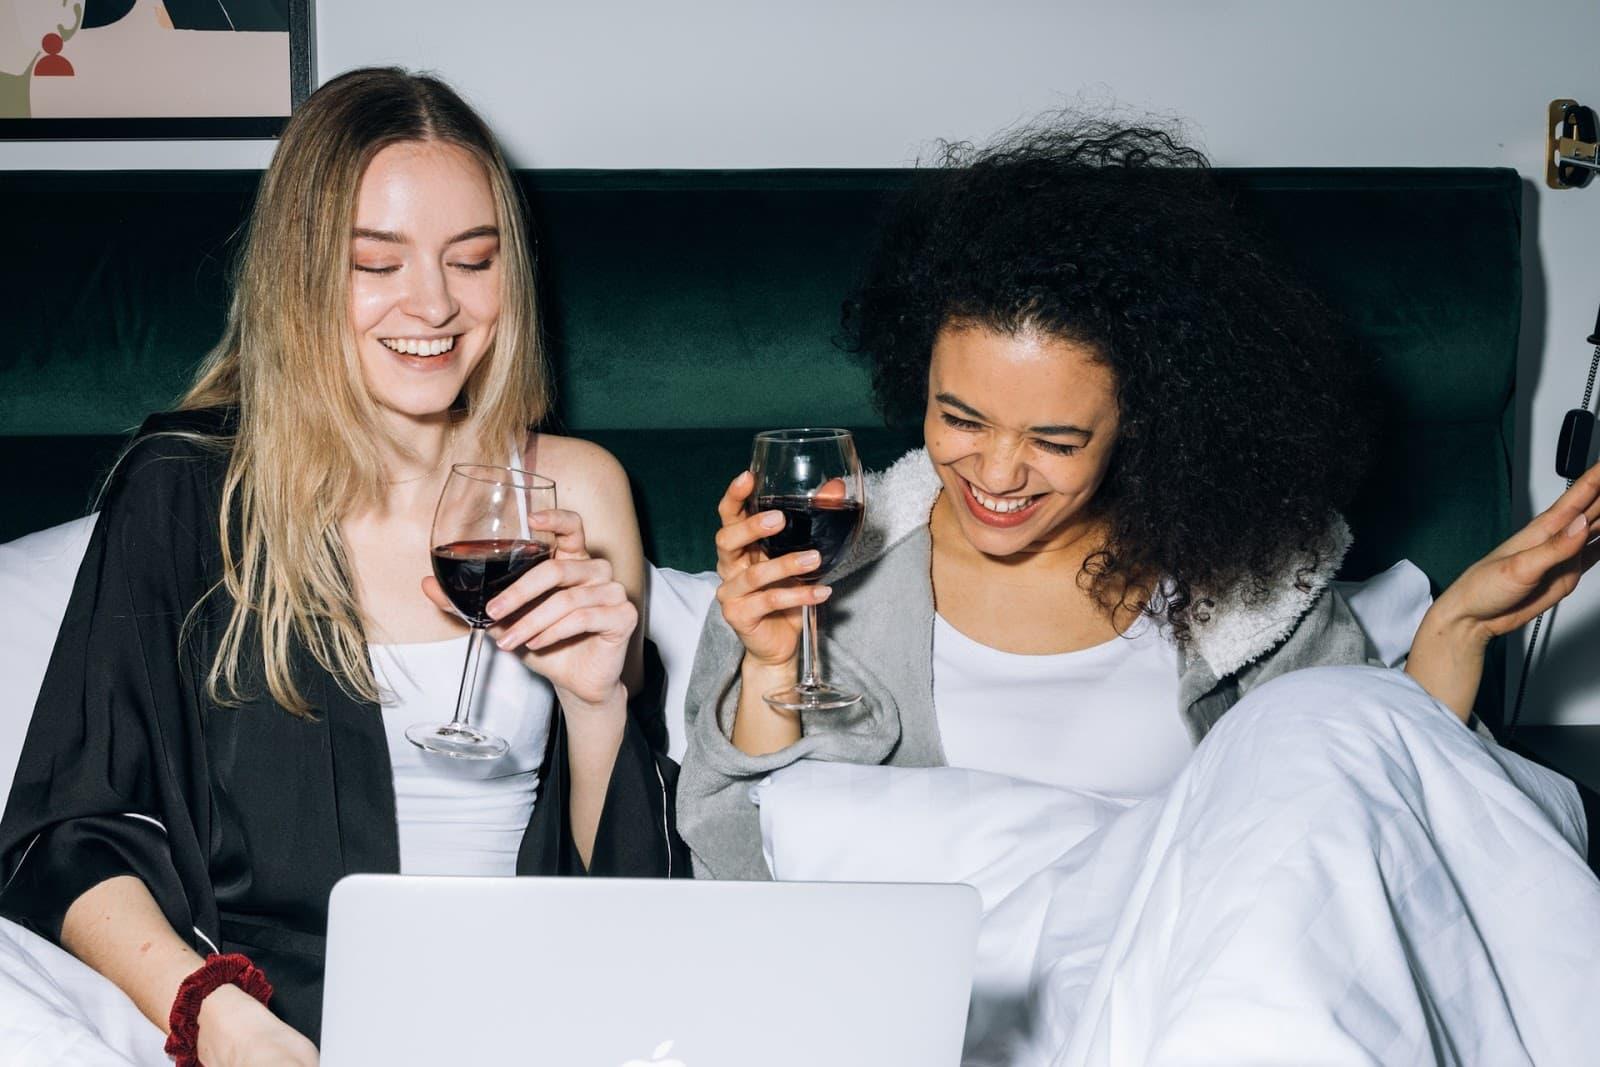 Duas mulheres sorrindo sentadas em uma cama, segurando taças de vinho argentino